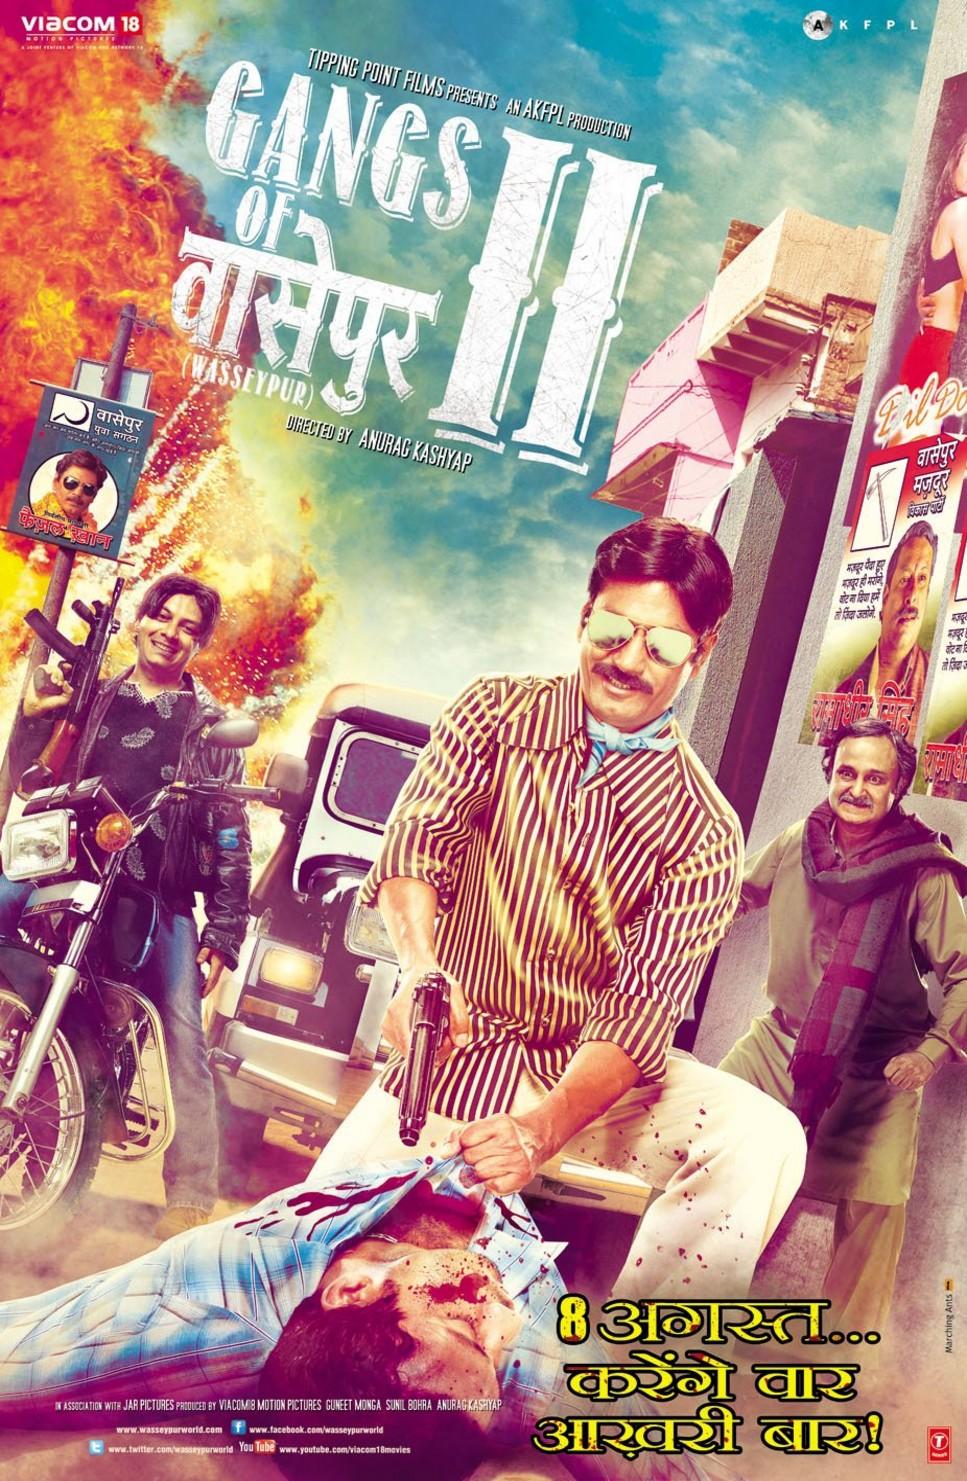 Gangs Of Wasseypur 2 - Movie Poster #2 (Original)